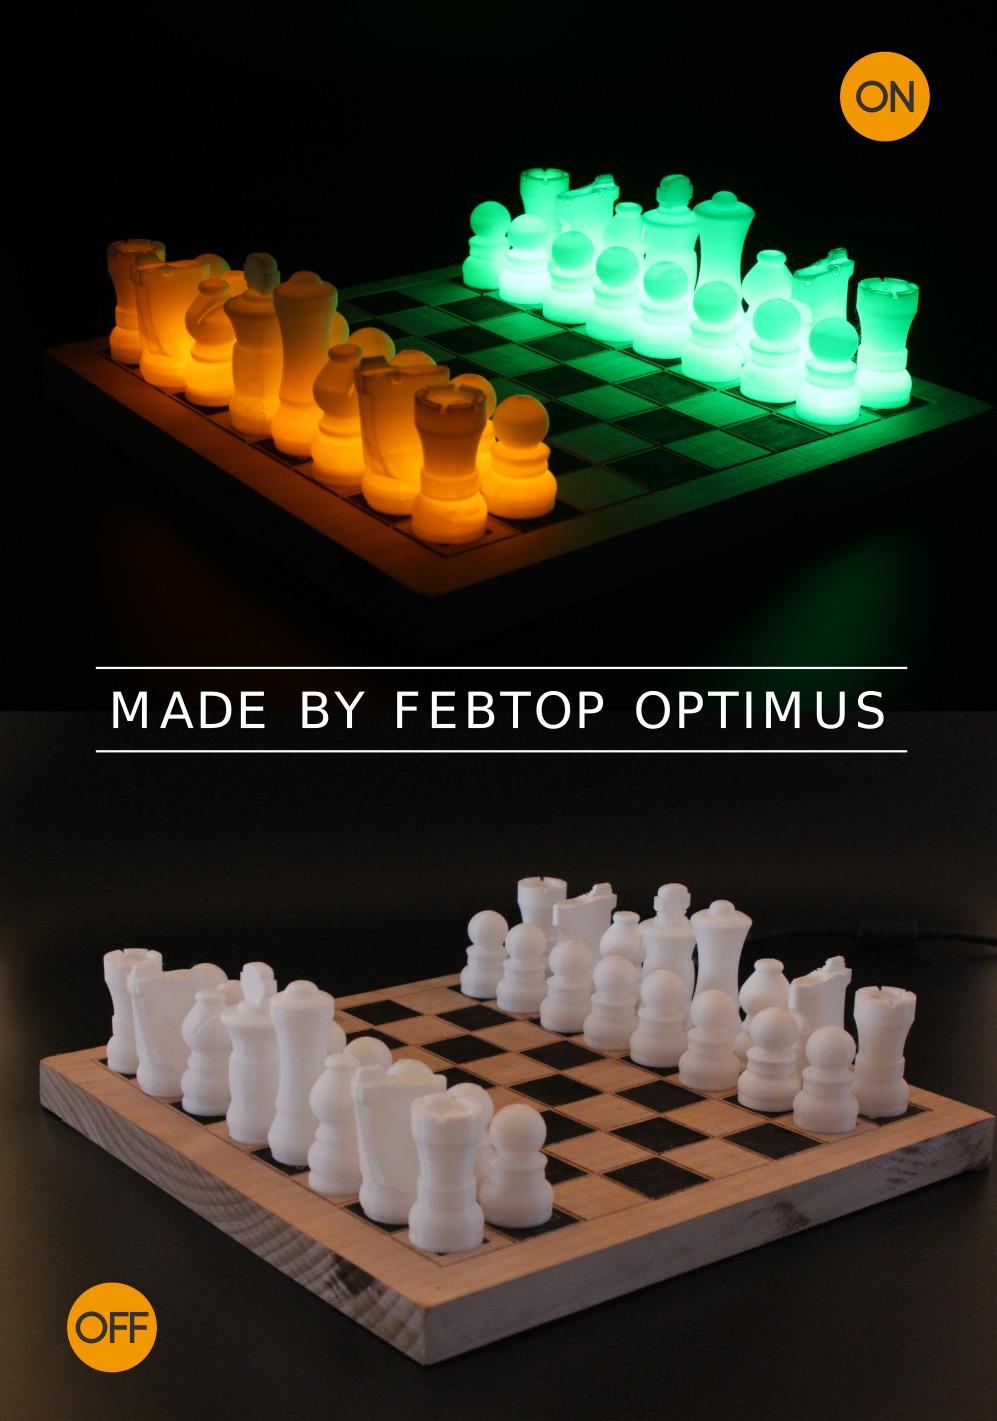 febtop-3-in-1-3d-printer-laser-cutter-milling-machine-01